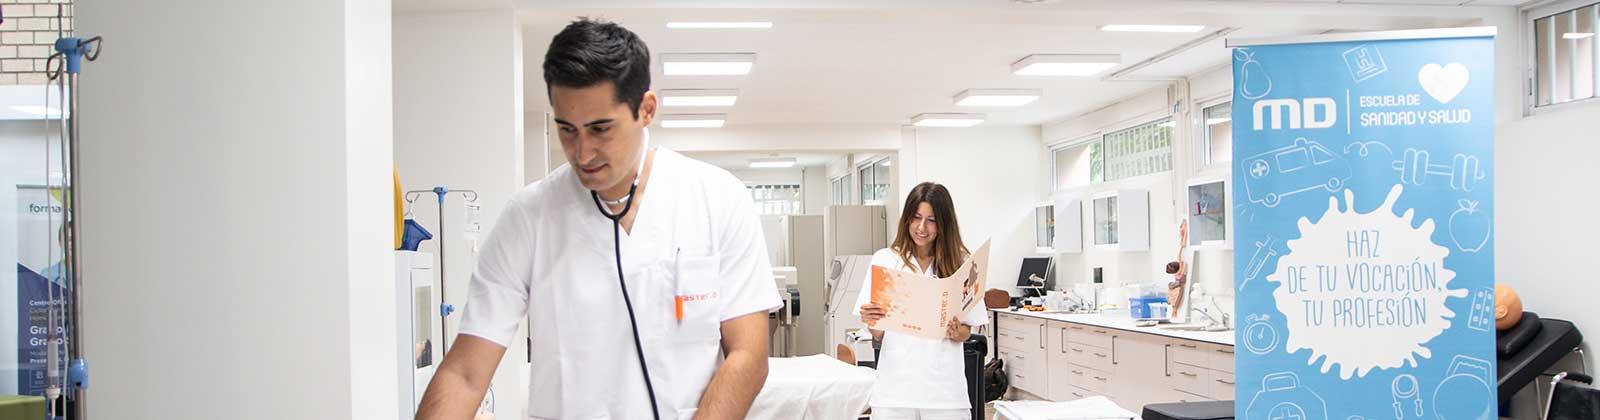 Oposiciones Enfermería de Instituciones Penitenciarias